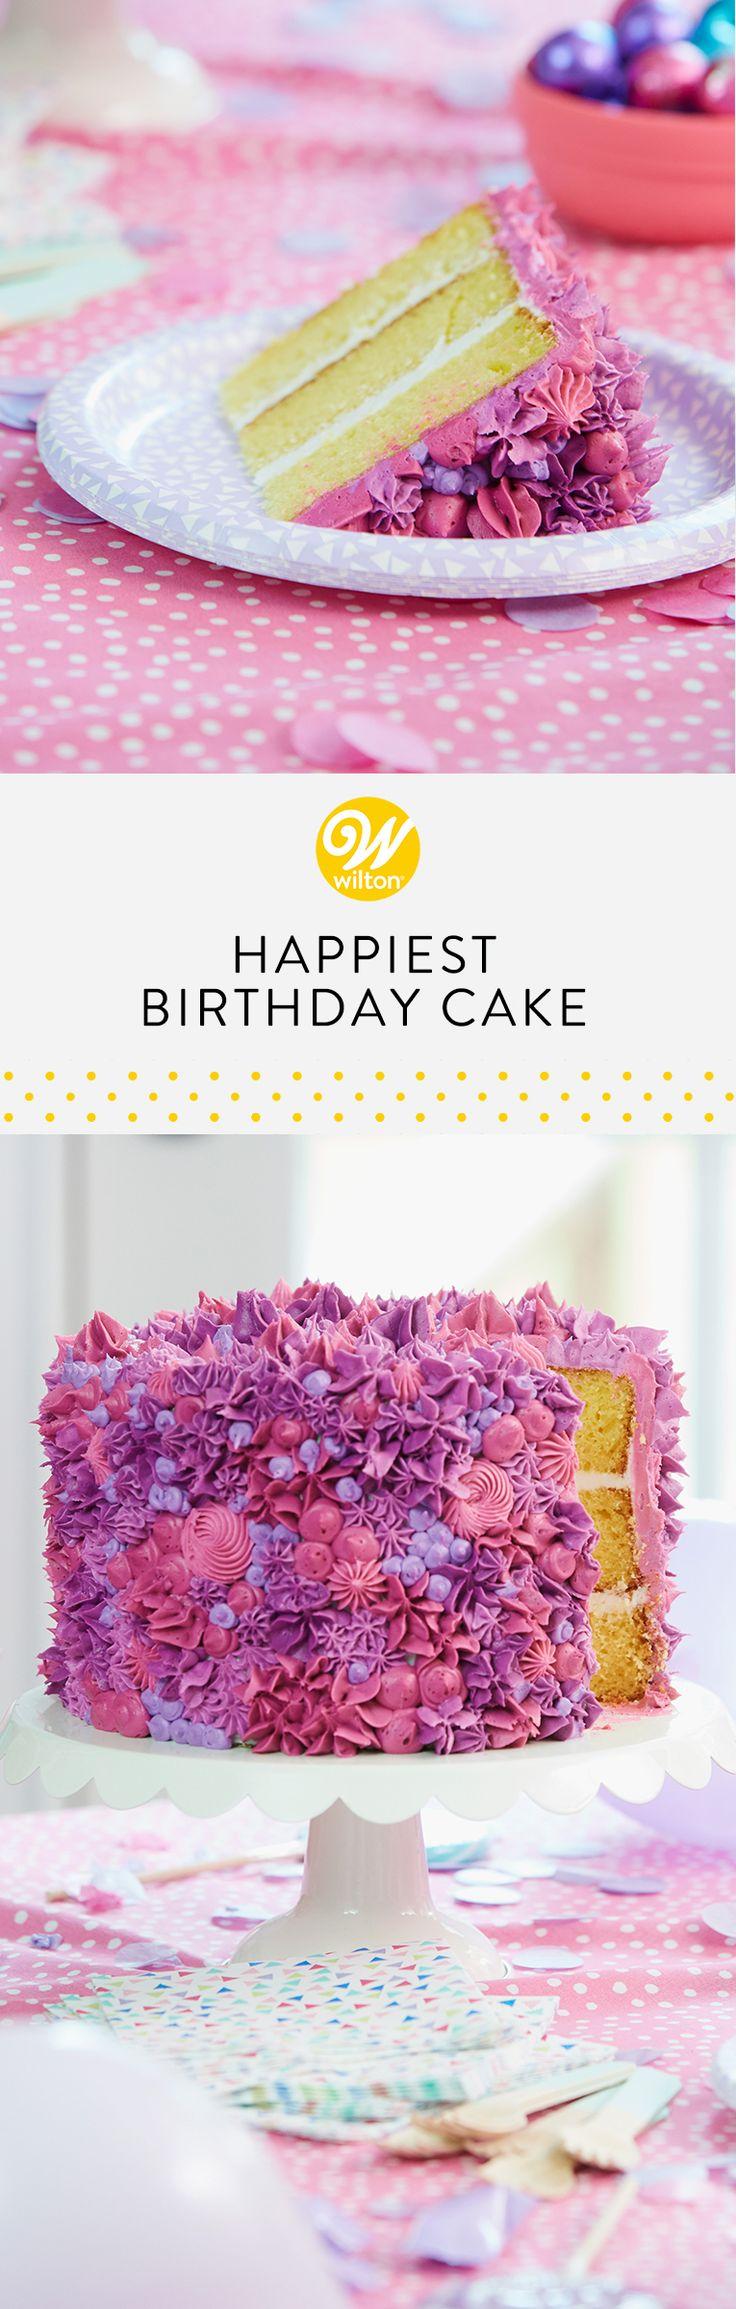 Verwenden Sie Ihre Lieblingstipps und Techniken, um diesen dreischichtigen Kuchen von Kopf bis Fuß zu bedecken.   – Cakes